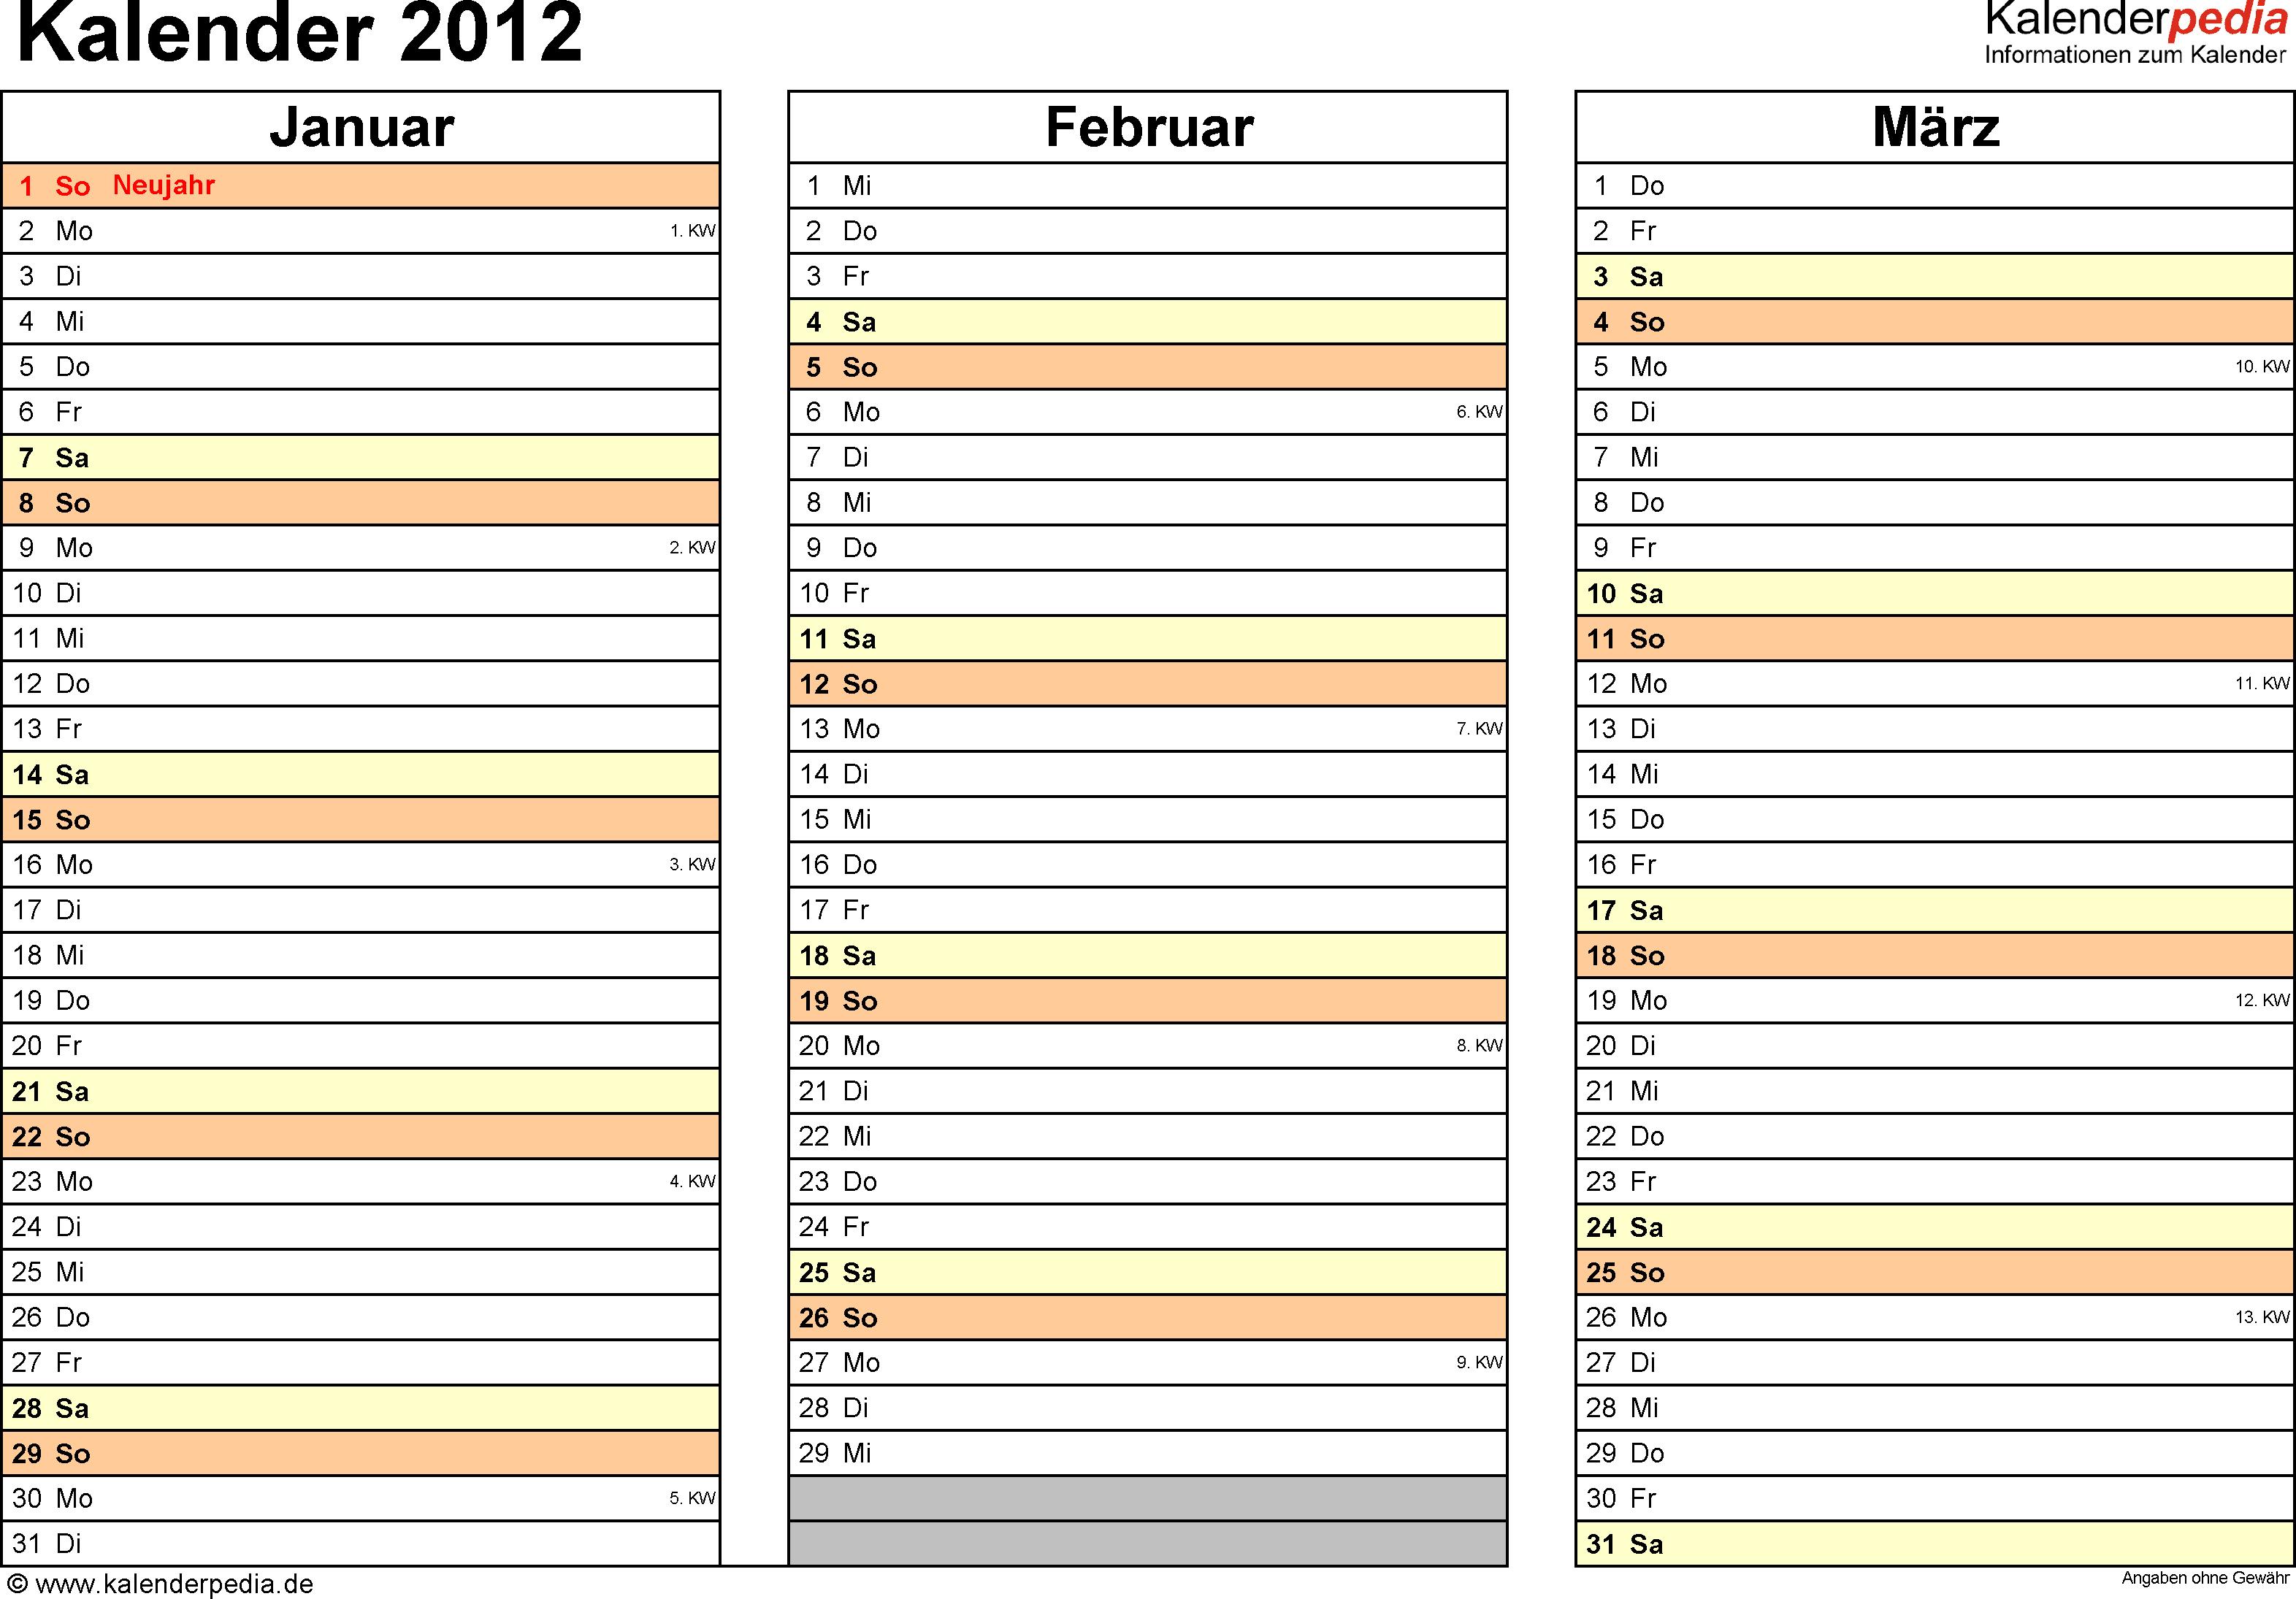 Vorlage 5: Jahreskalender 2012 als Excel-Vorlage, Querformat, DIN A4, 4 Seiten, Quartal auf einer Seite, mit Feiertagen (ganz Deutschland) und Kalenderwochen